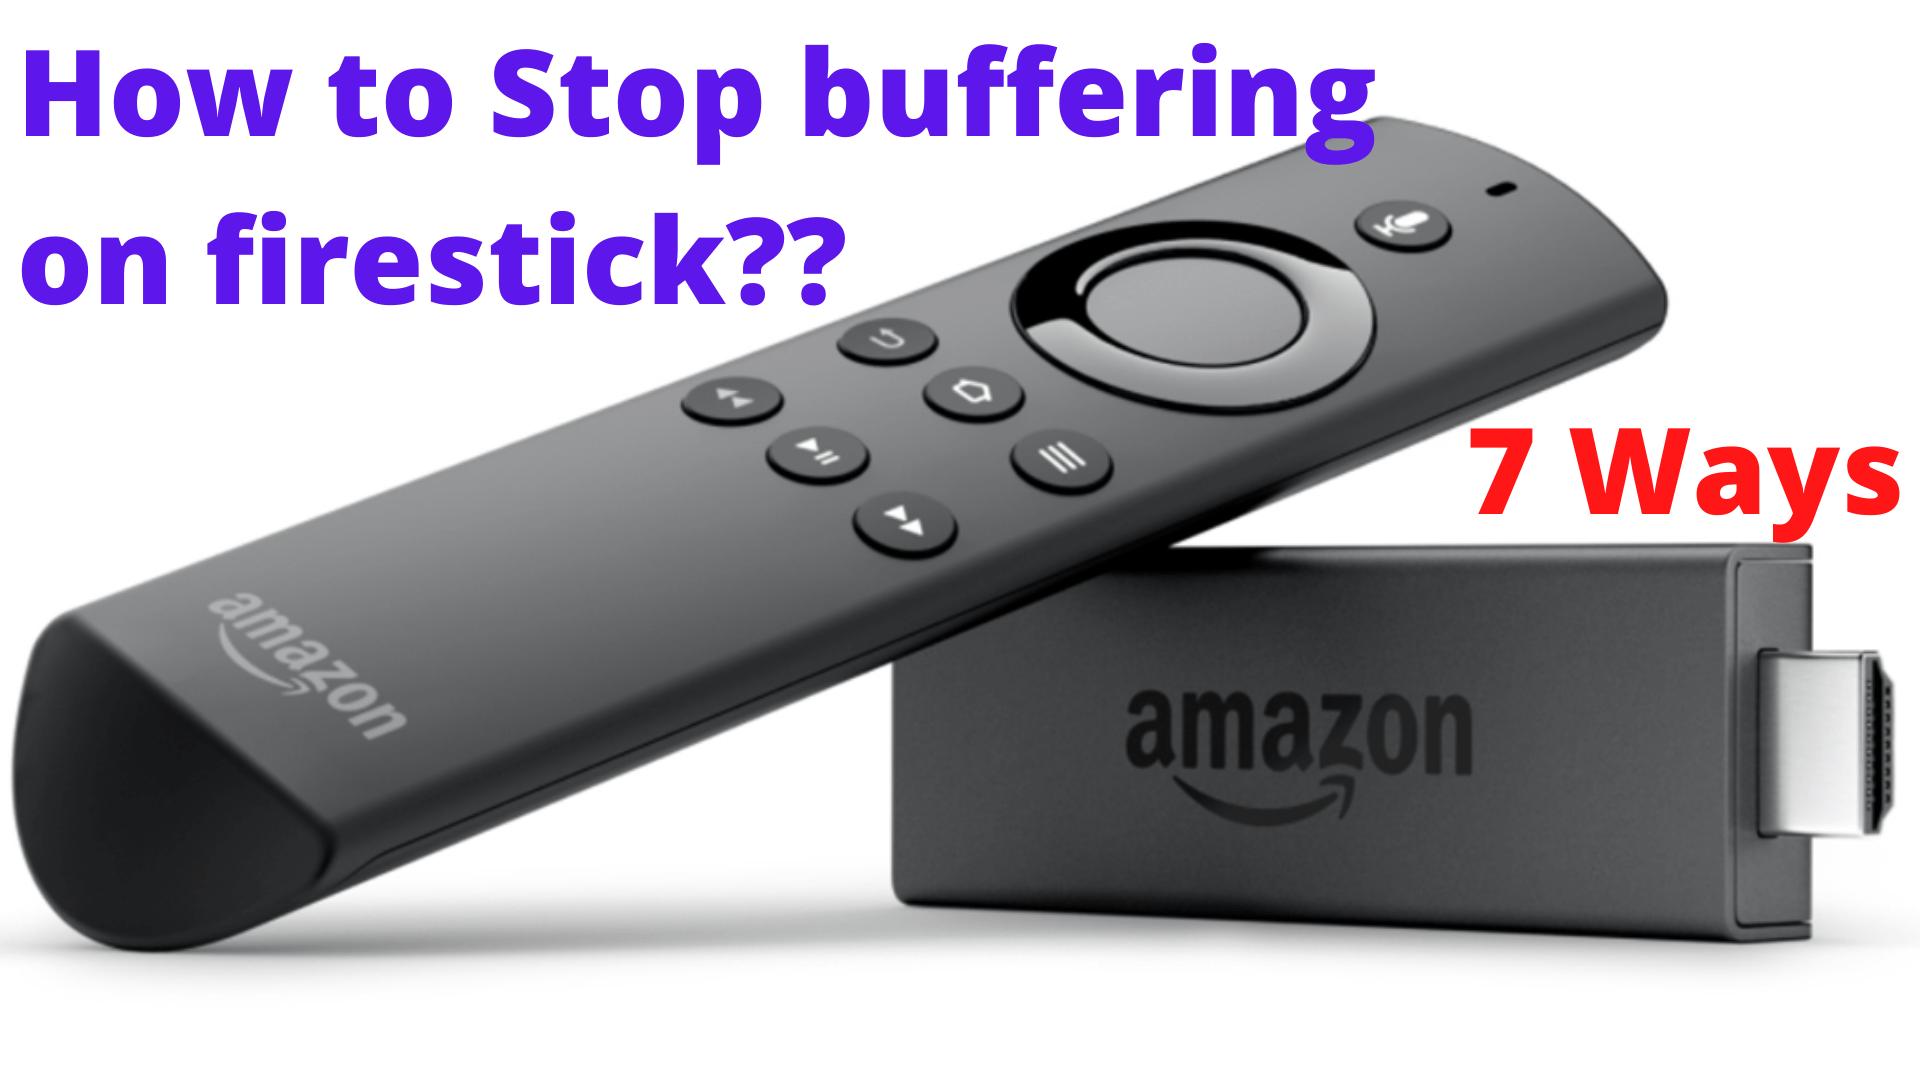 Stop buffering on firestick